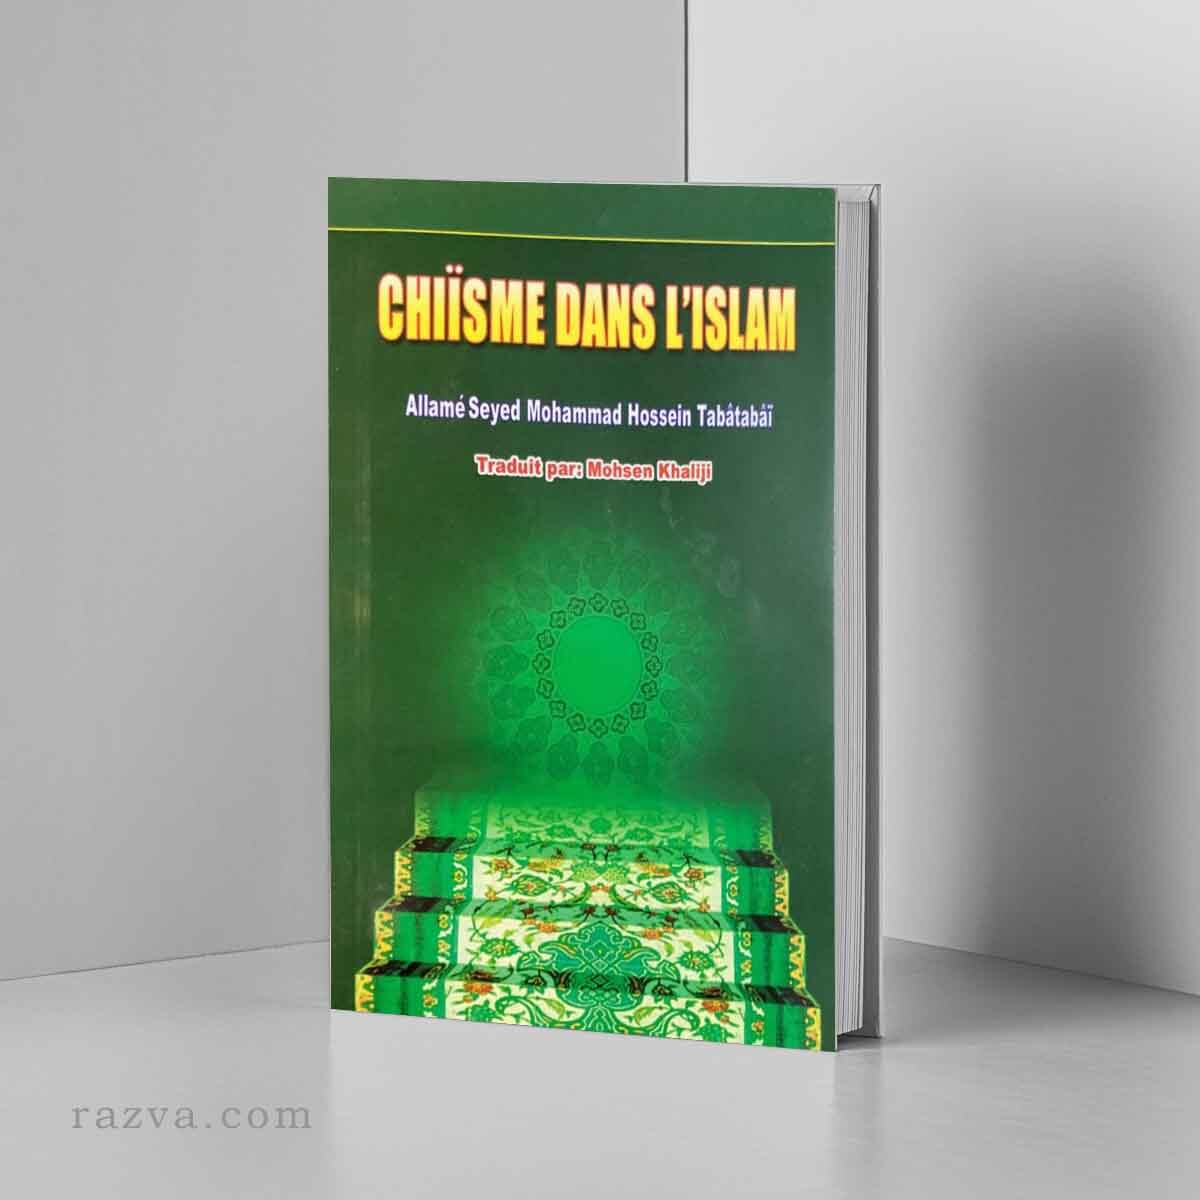 Chiisme dans l'islam